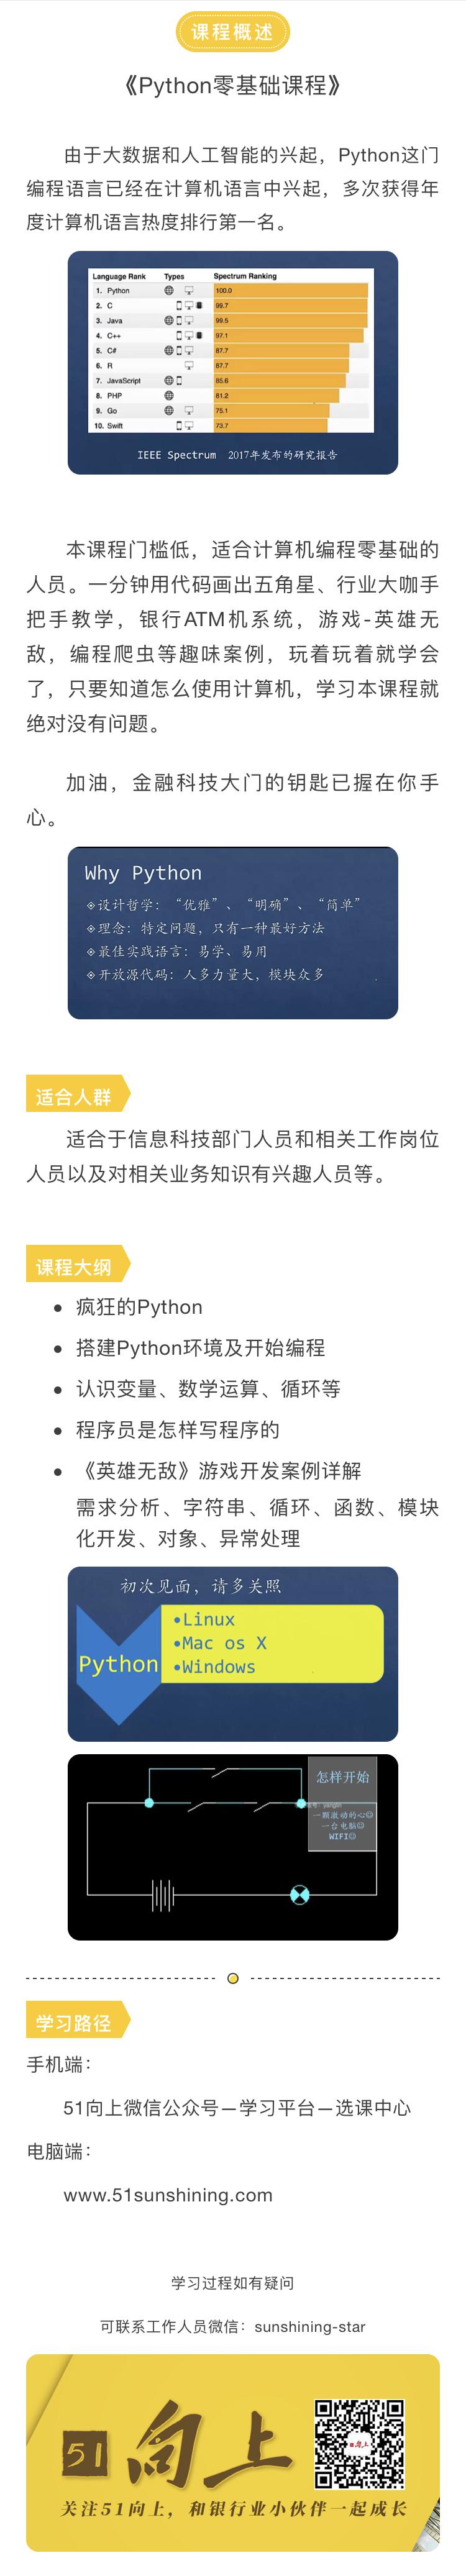 python零基础课程